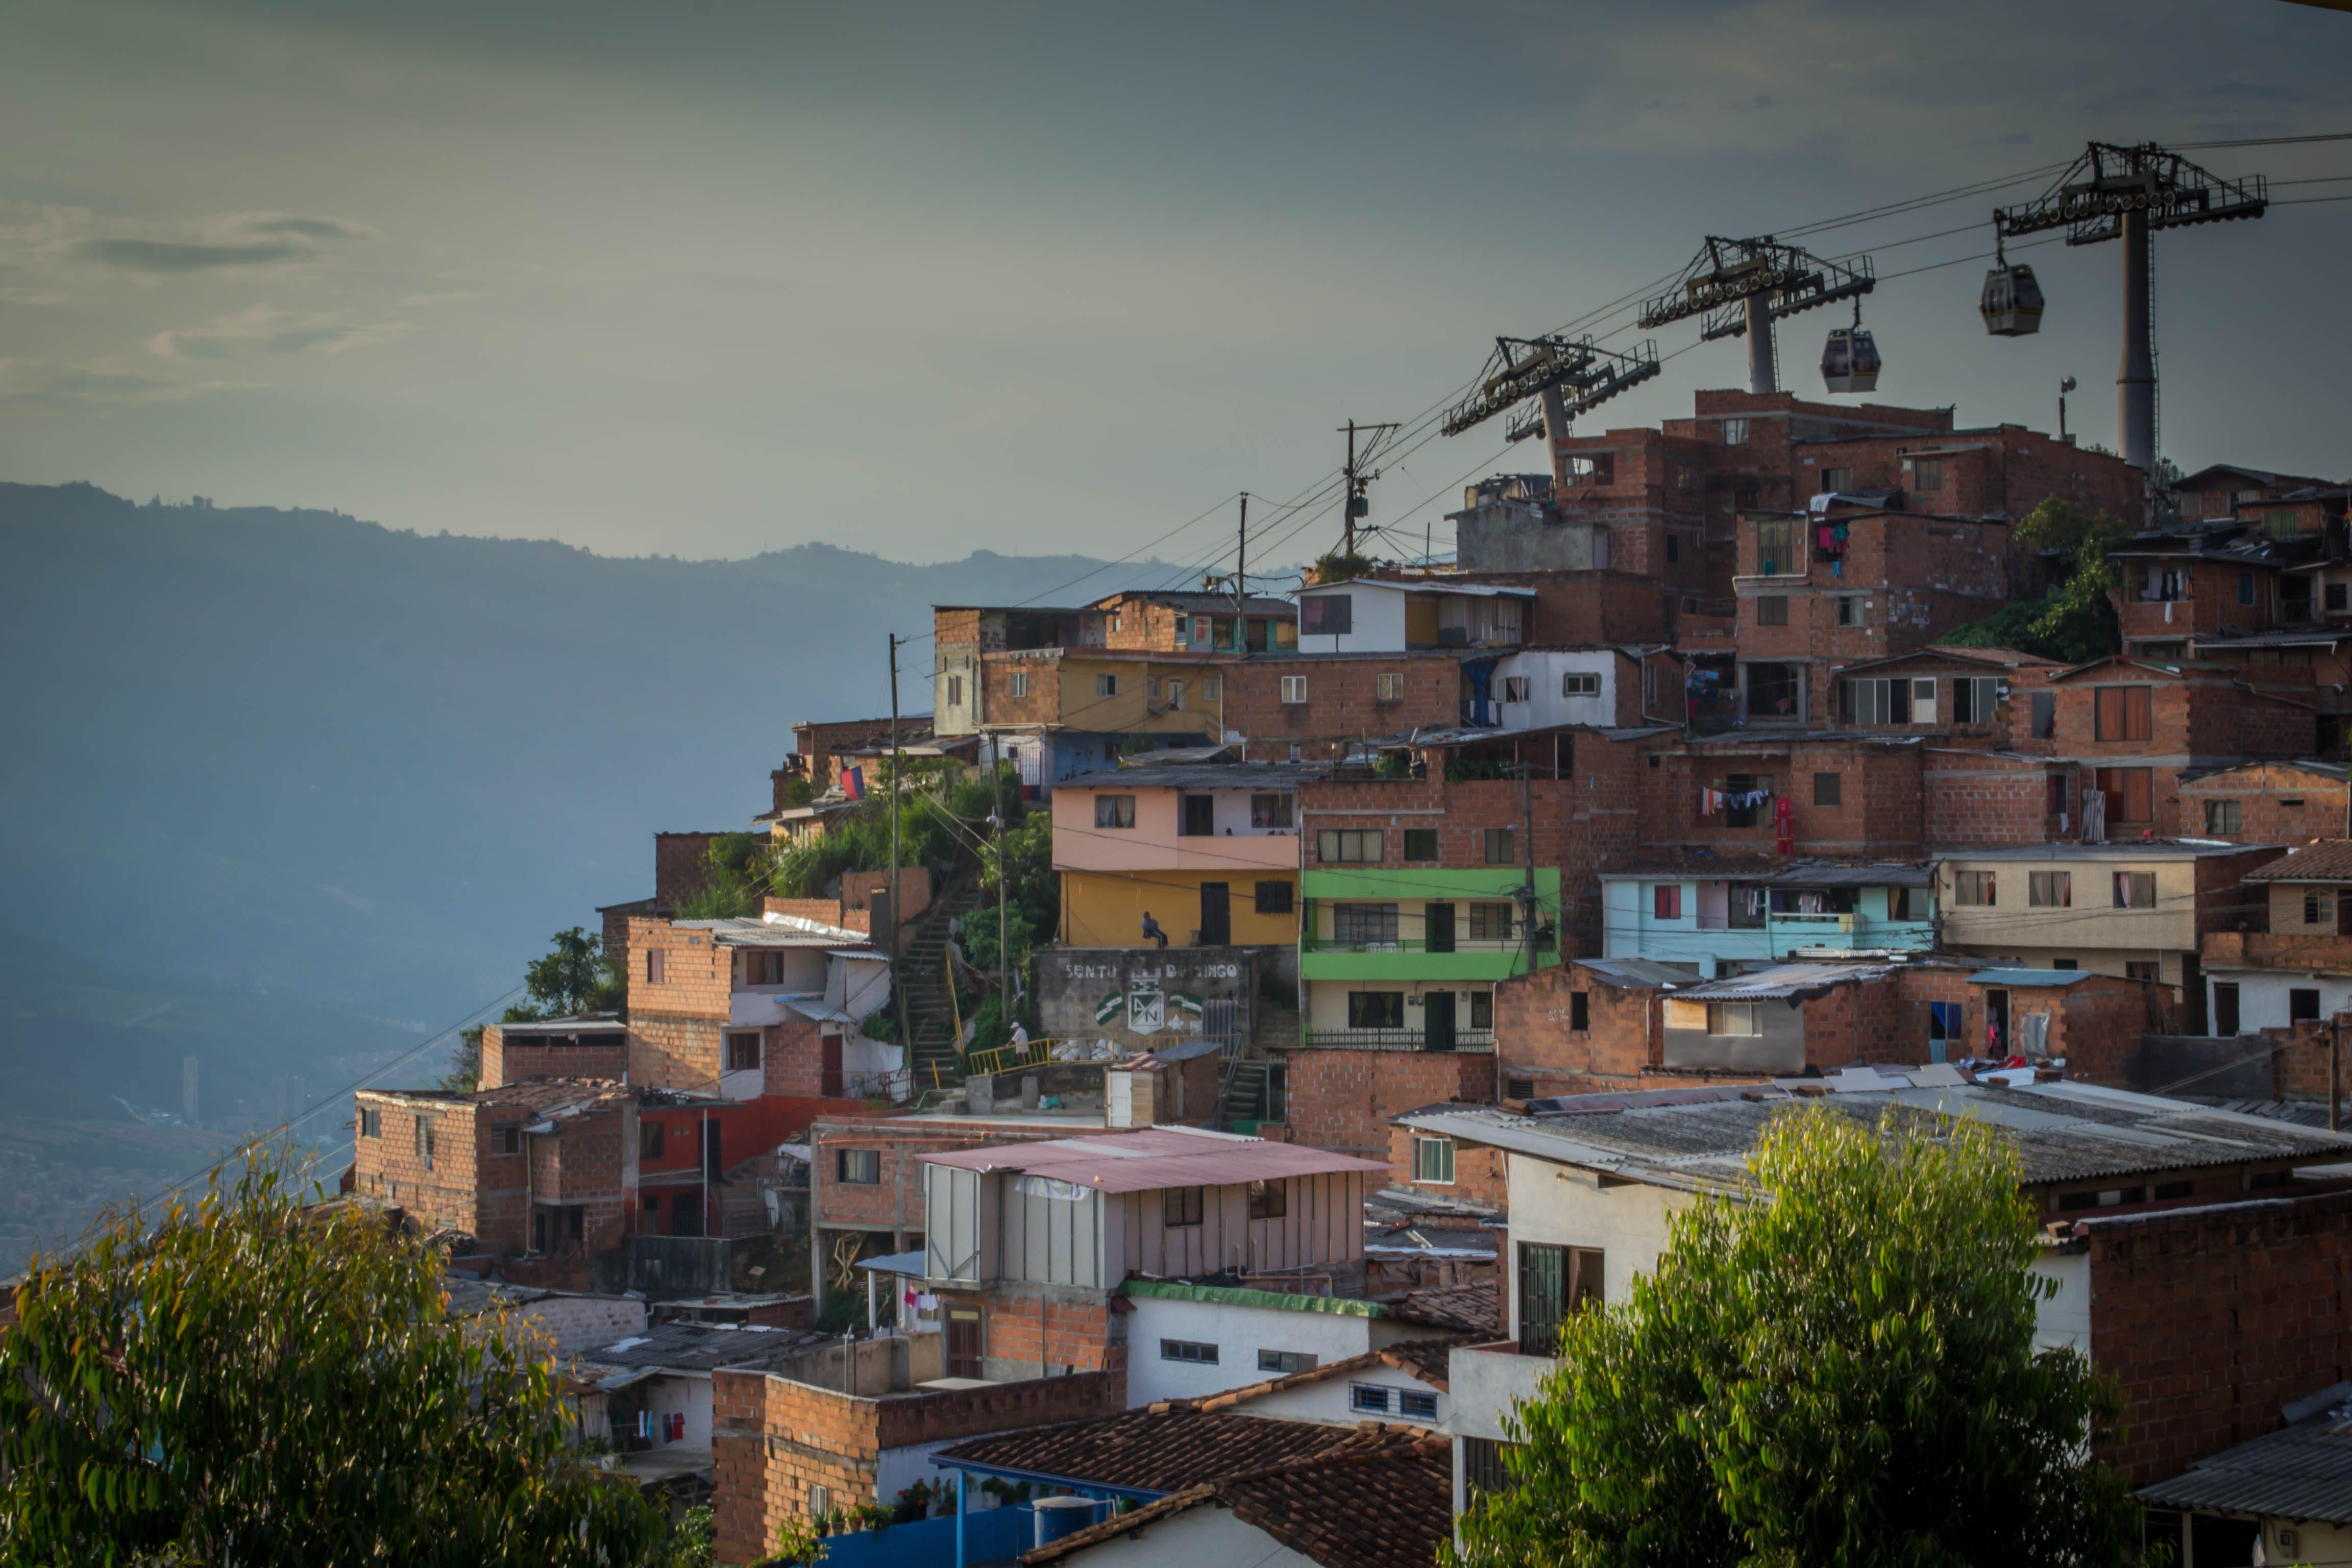 El programa de conocimiento y reducción del riesgo de desastres realizado en Medellín, nos comparte sus resultados